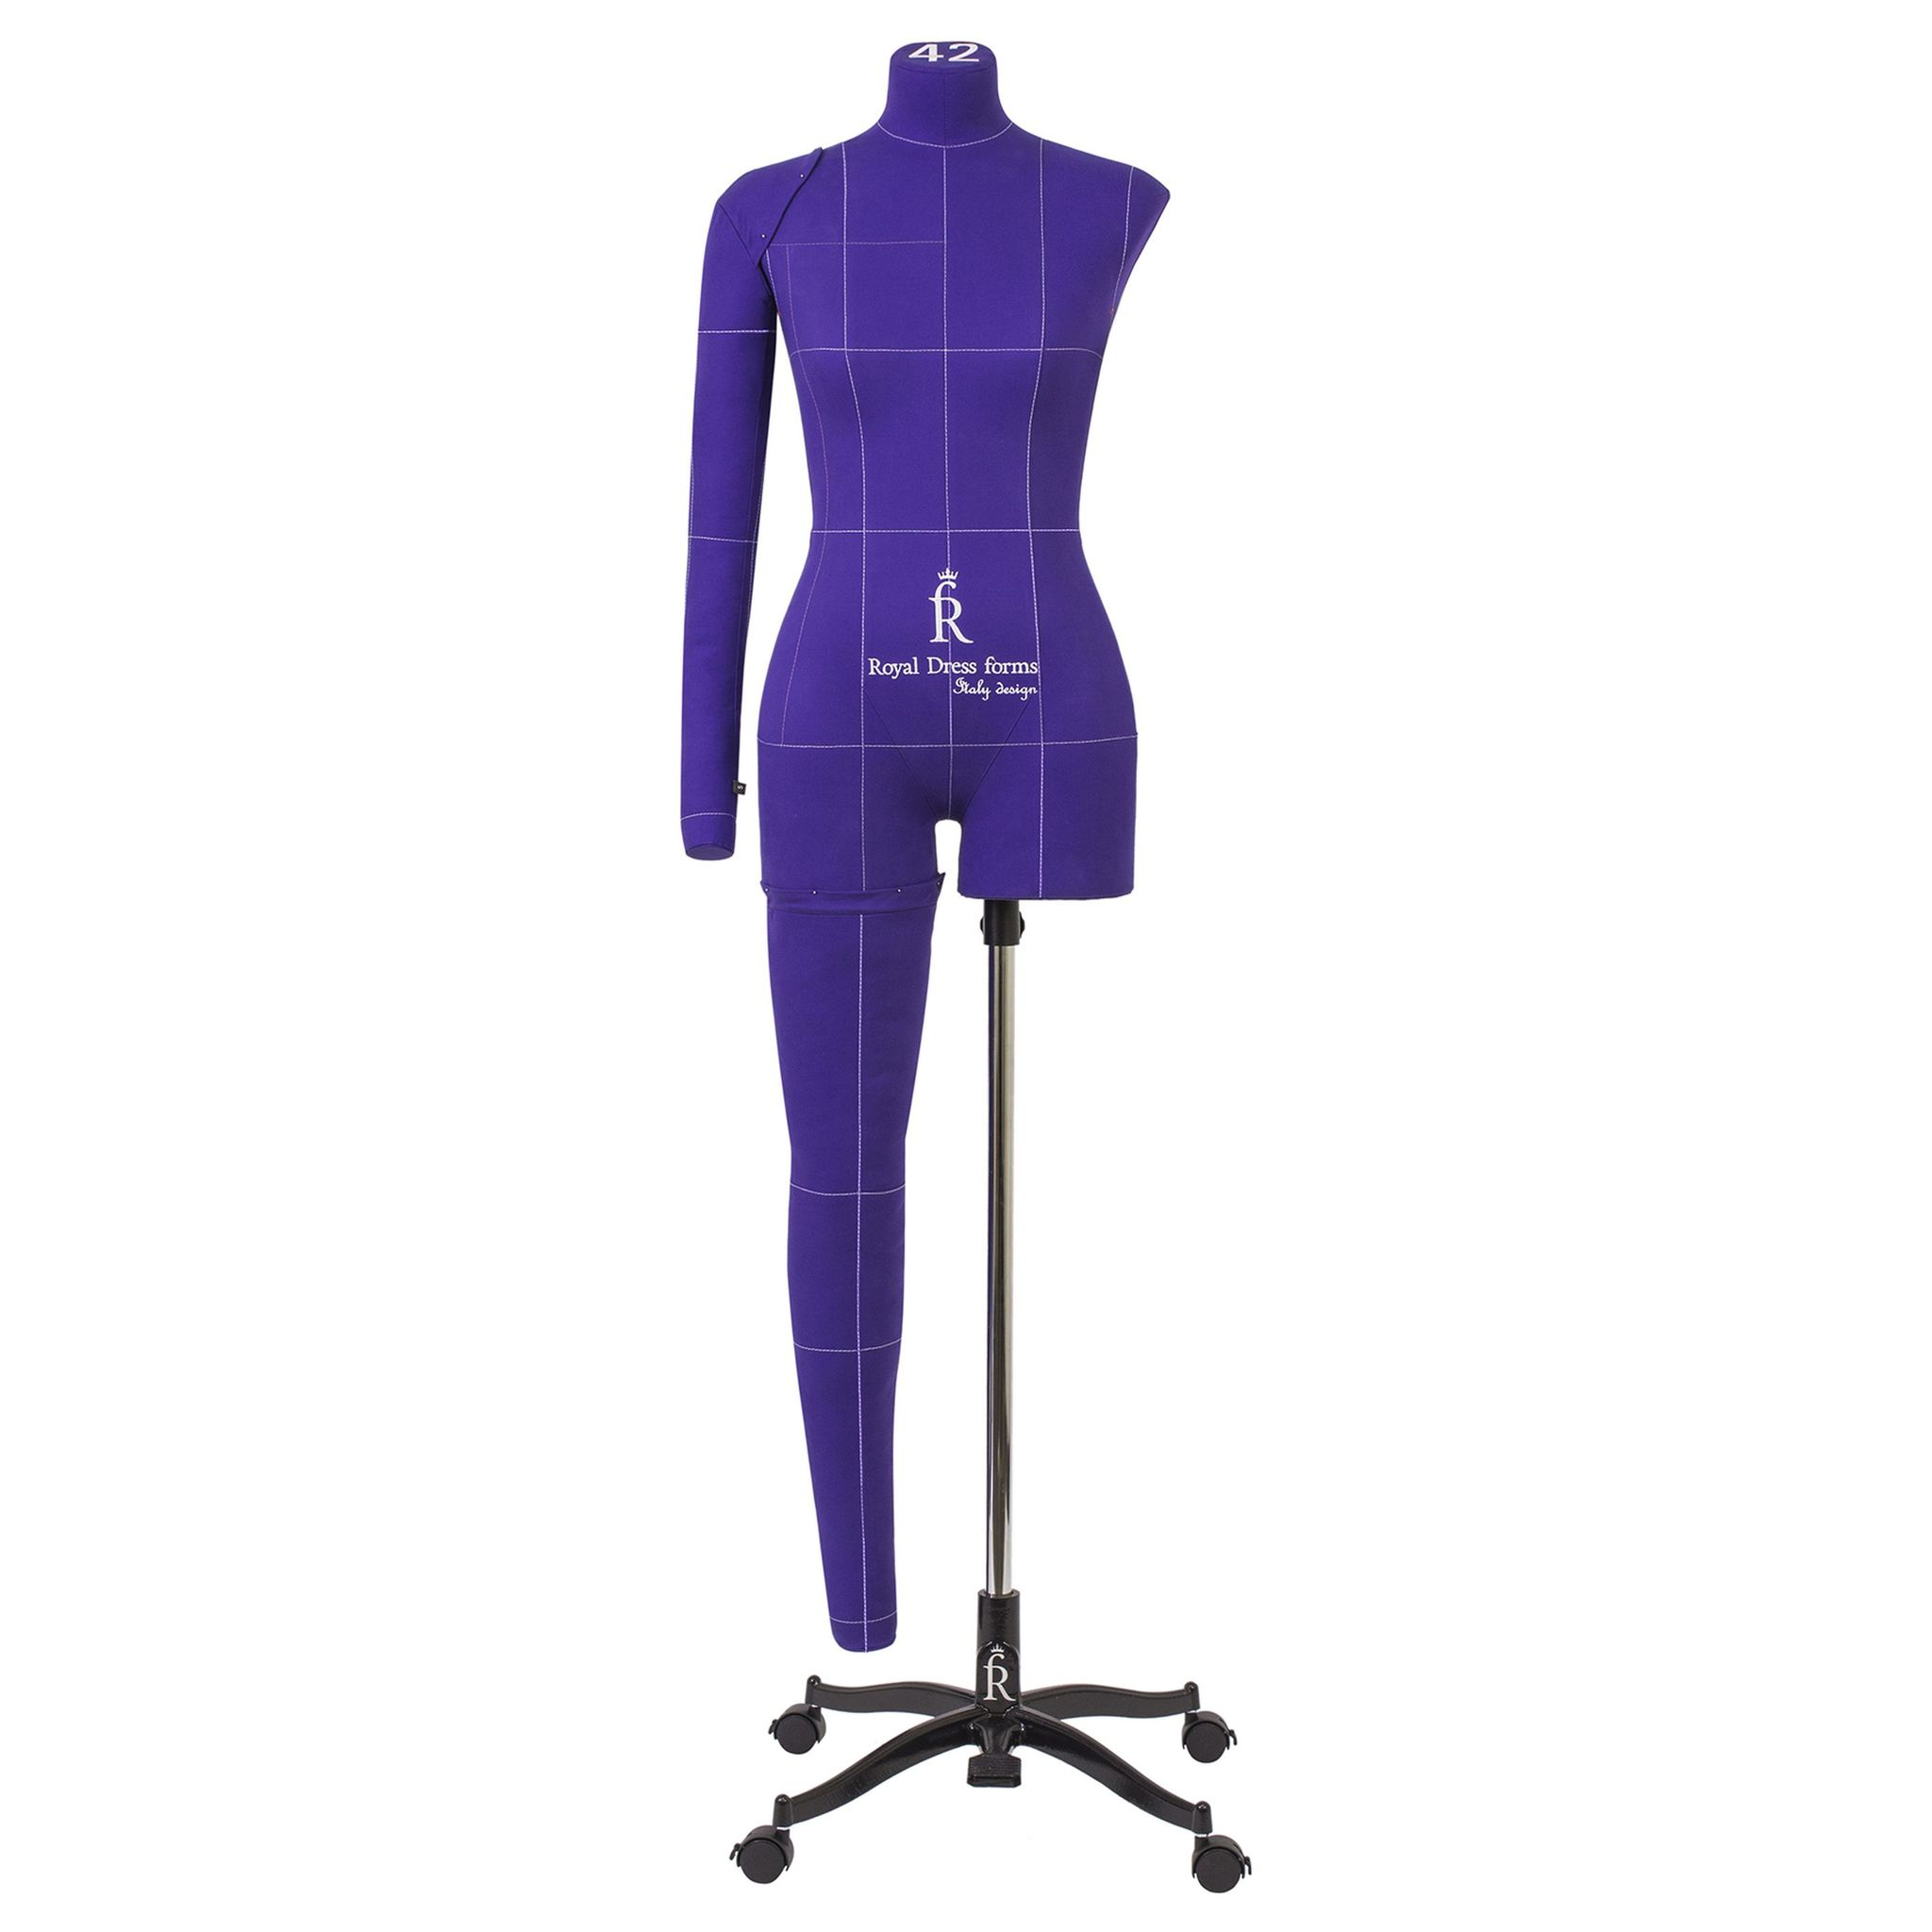 Манекен портновский Моника Арт, фиолетовый, 50 размер